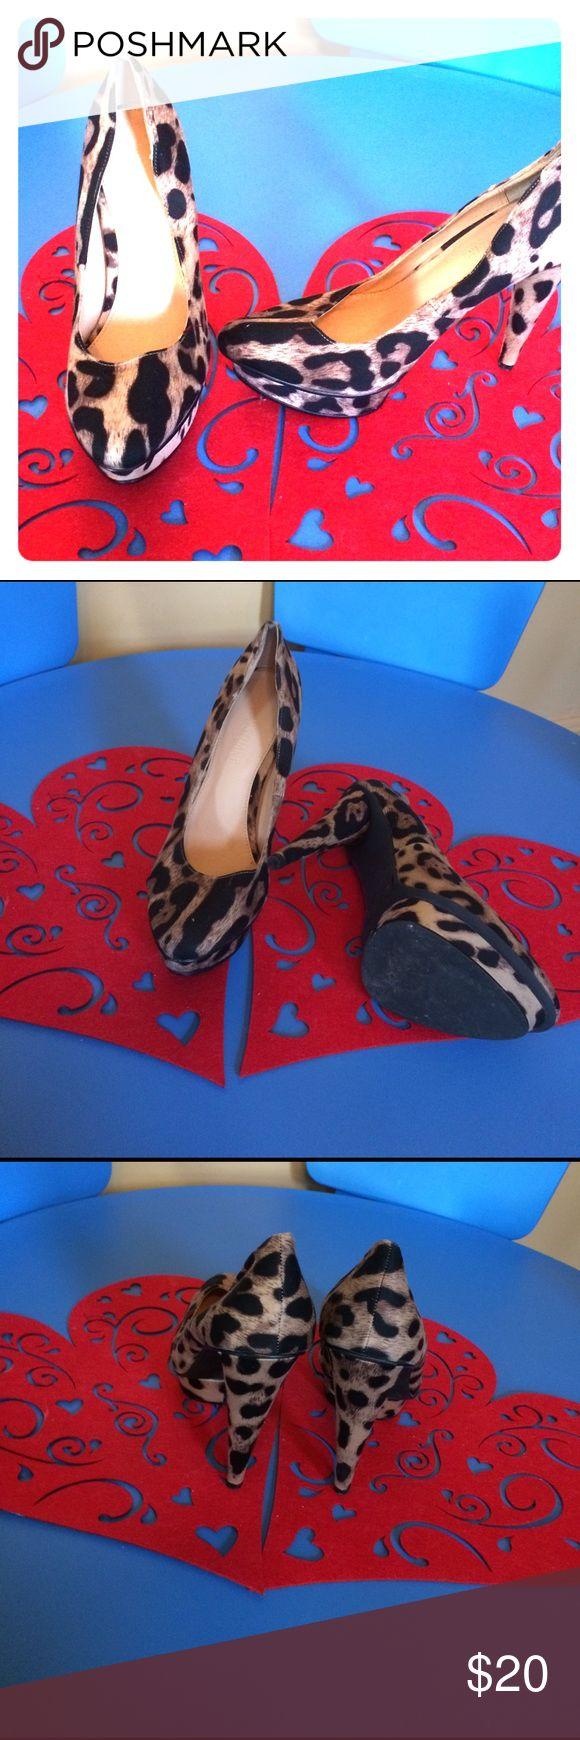 Leopard Colin Stuart high heels 👠 size 10 Colin Stuart leopard high heels 👠 excellent condition size 10 Colin Stuart Shoes Heels